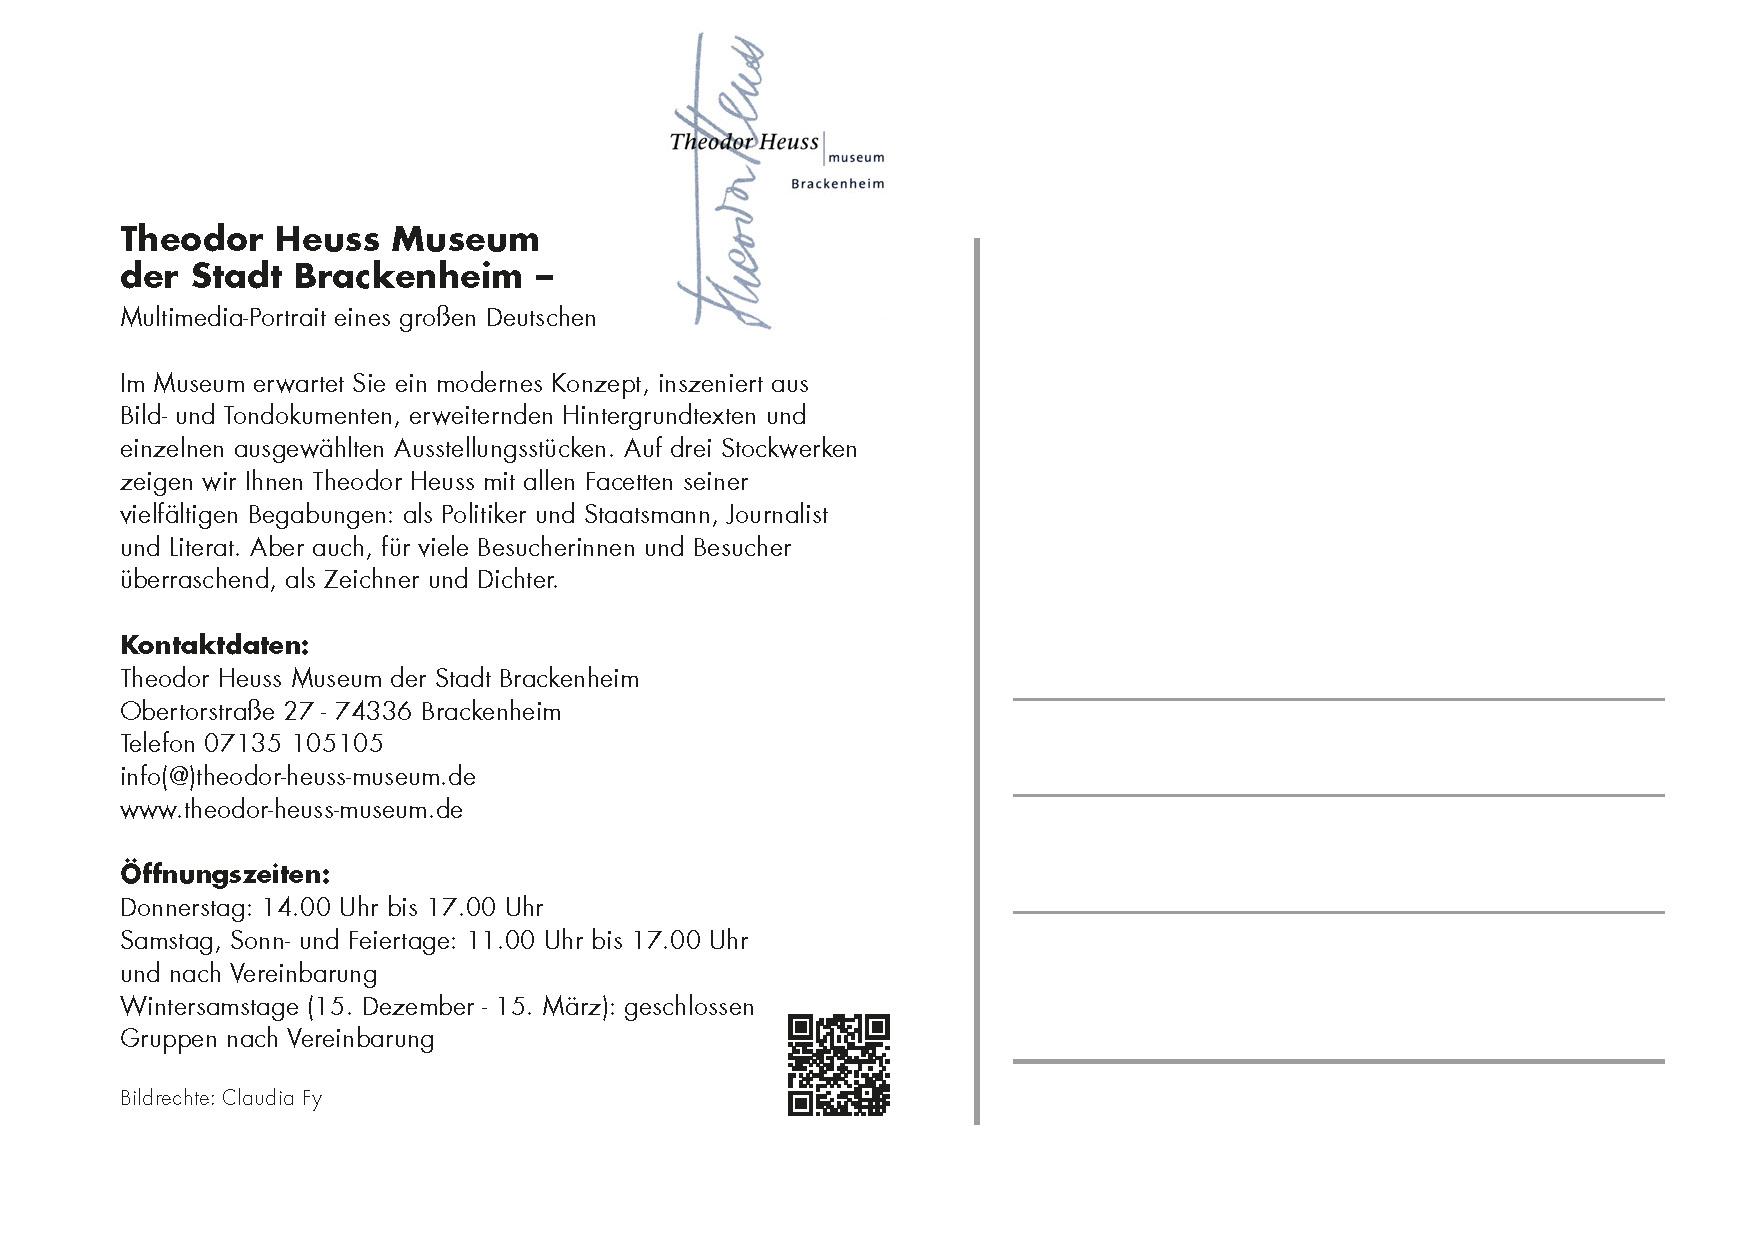 Dichter-Postkarte Rückseite Theodor-Heuss-Museum Brackenheim